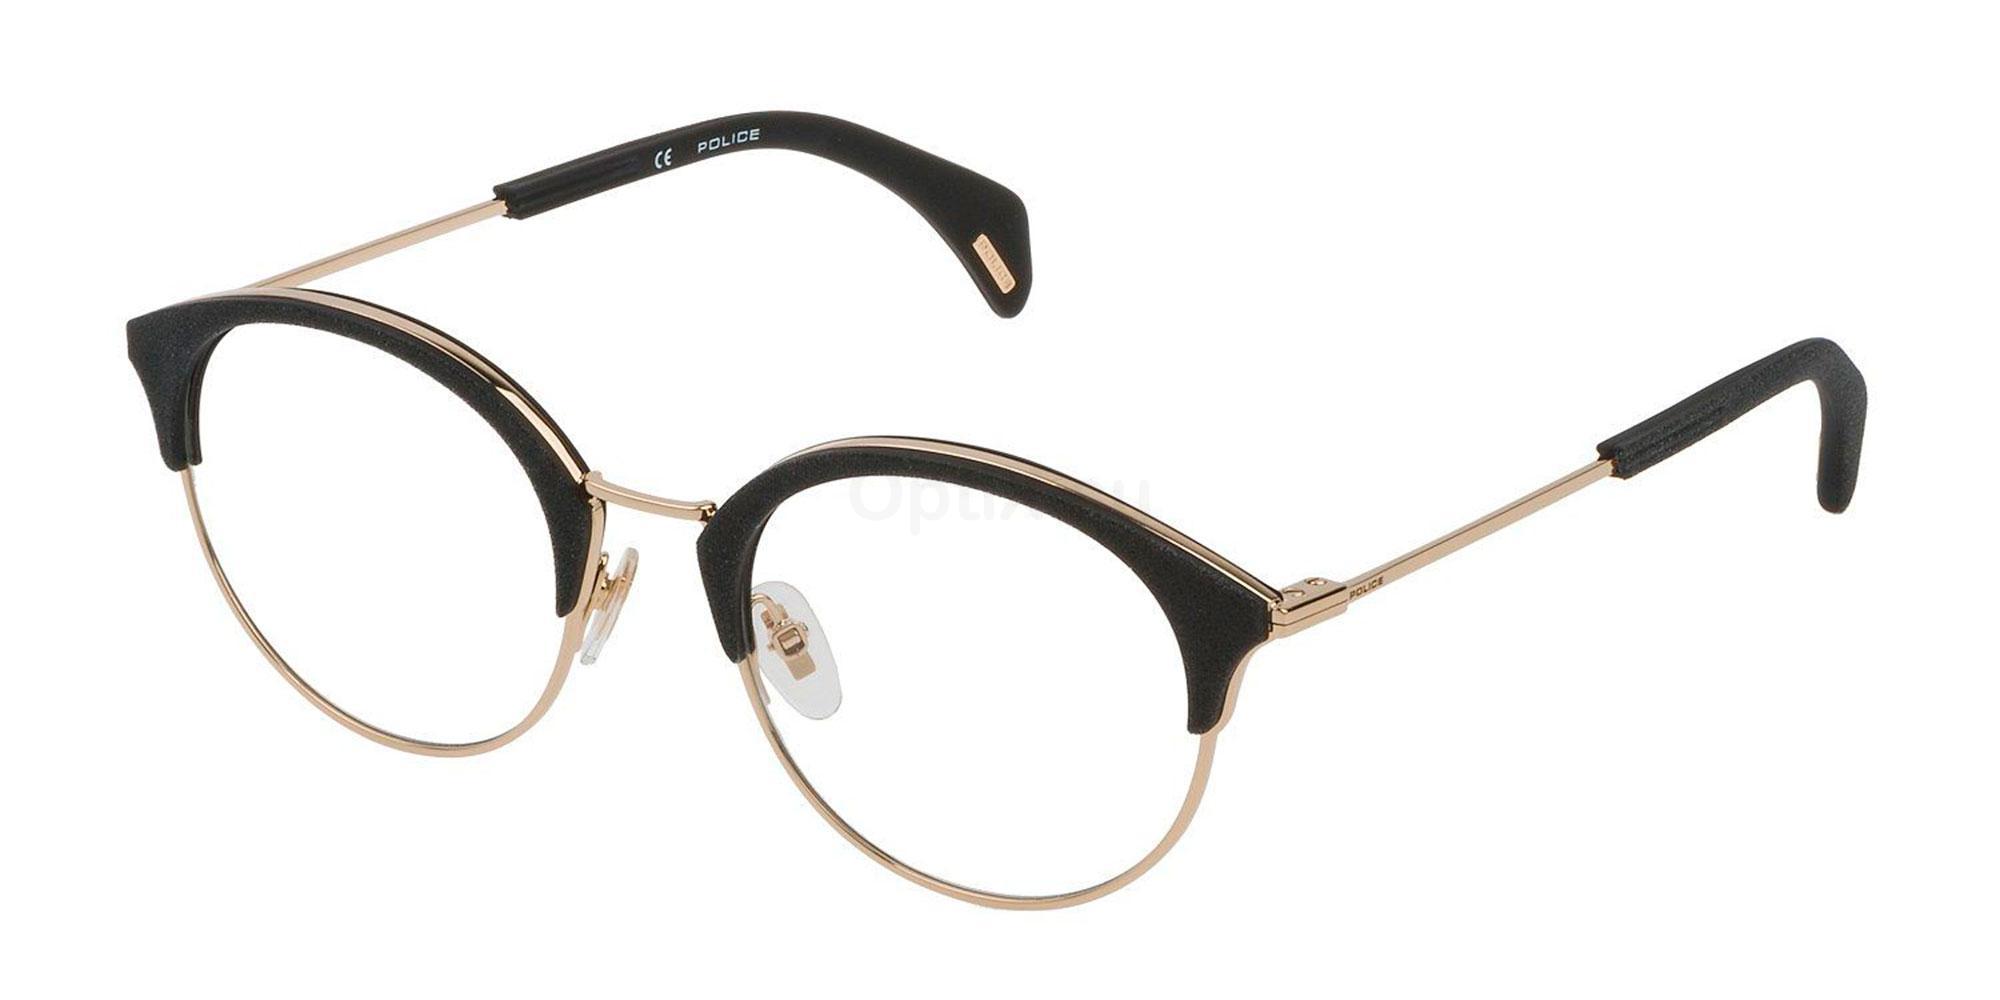 0300 VPL730 Glasses, Police